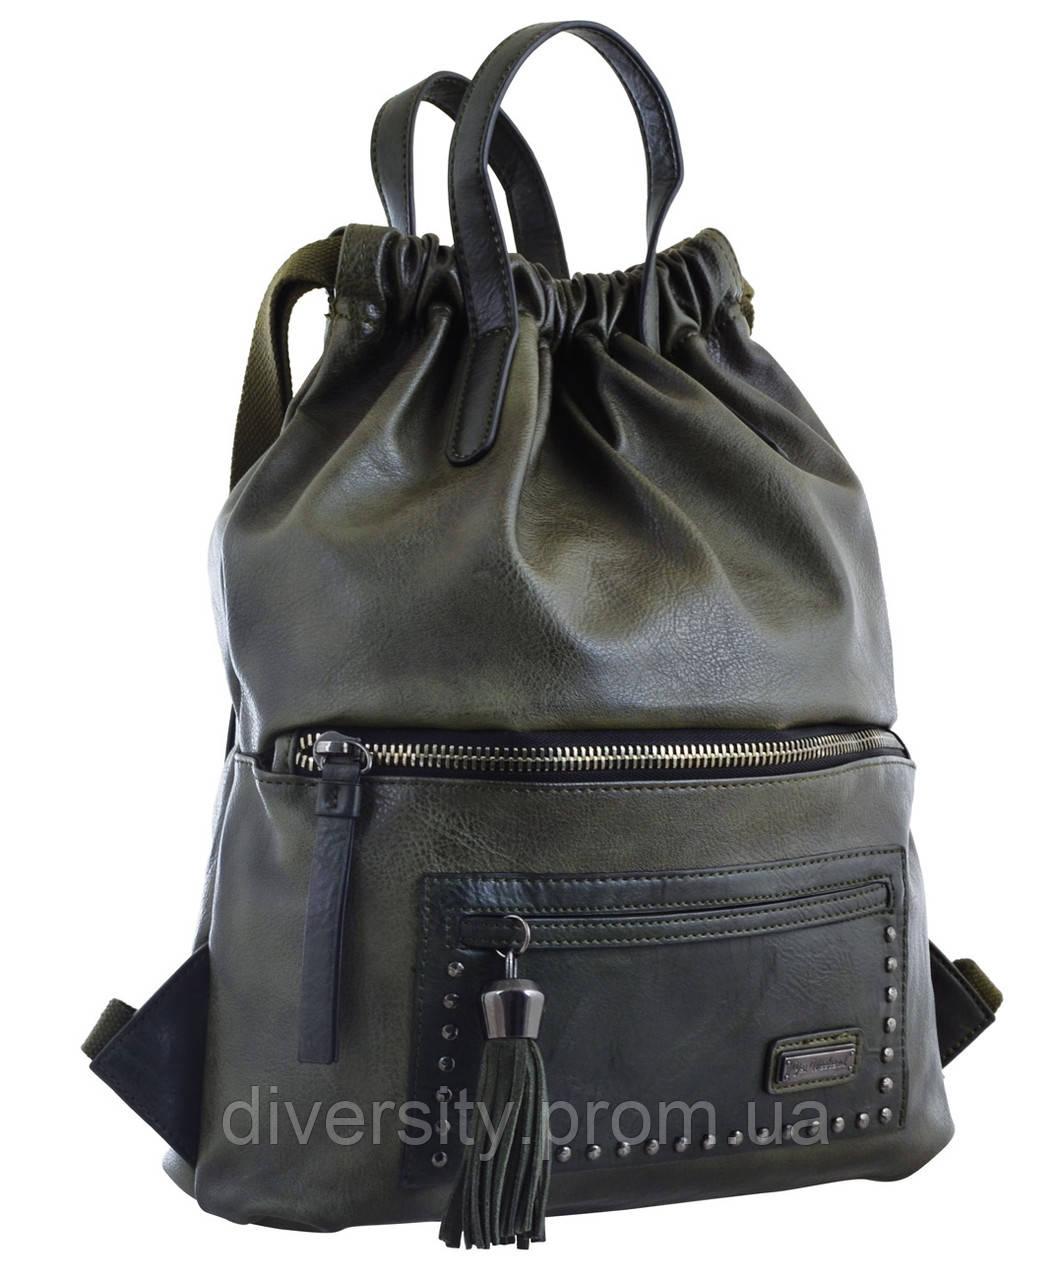 Женский рюкзак YES YW-11, хаки